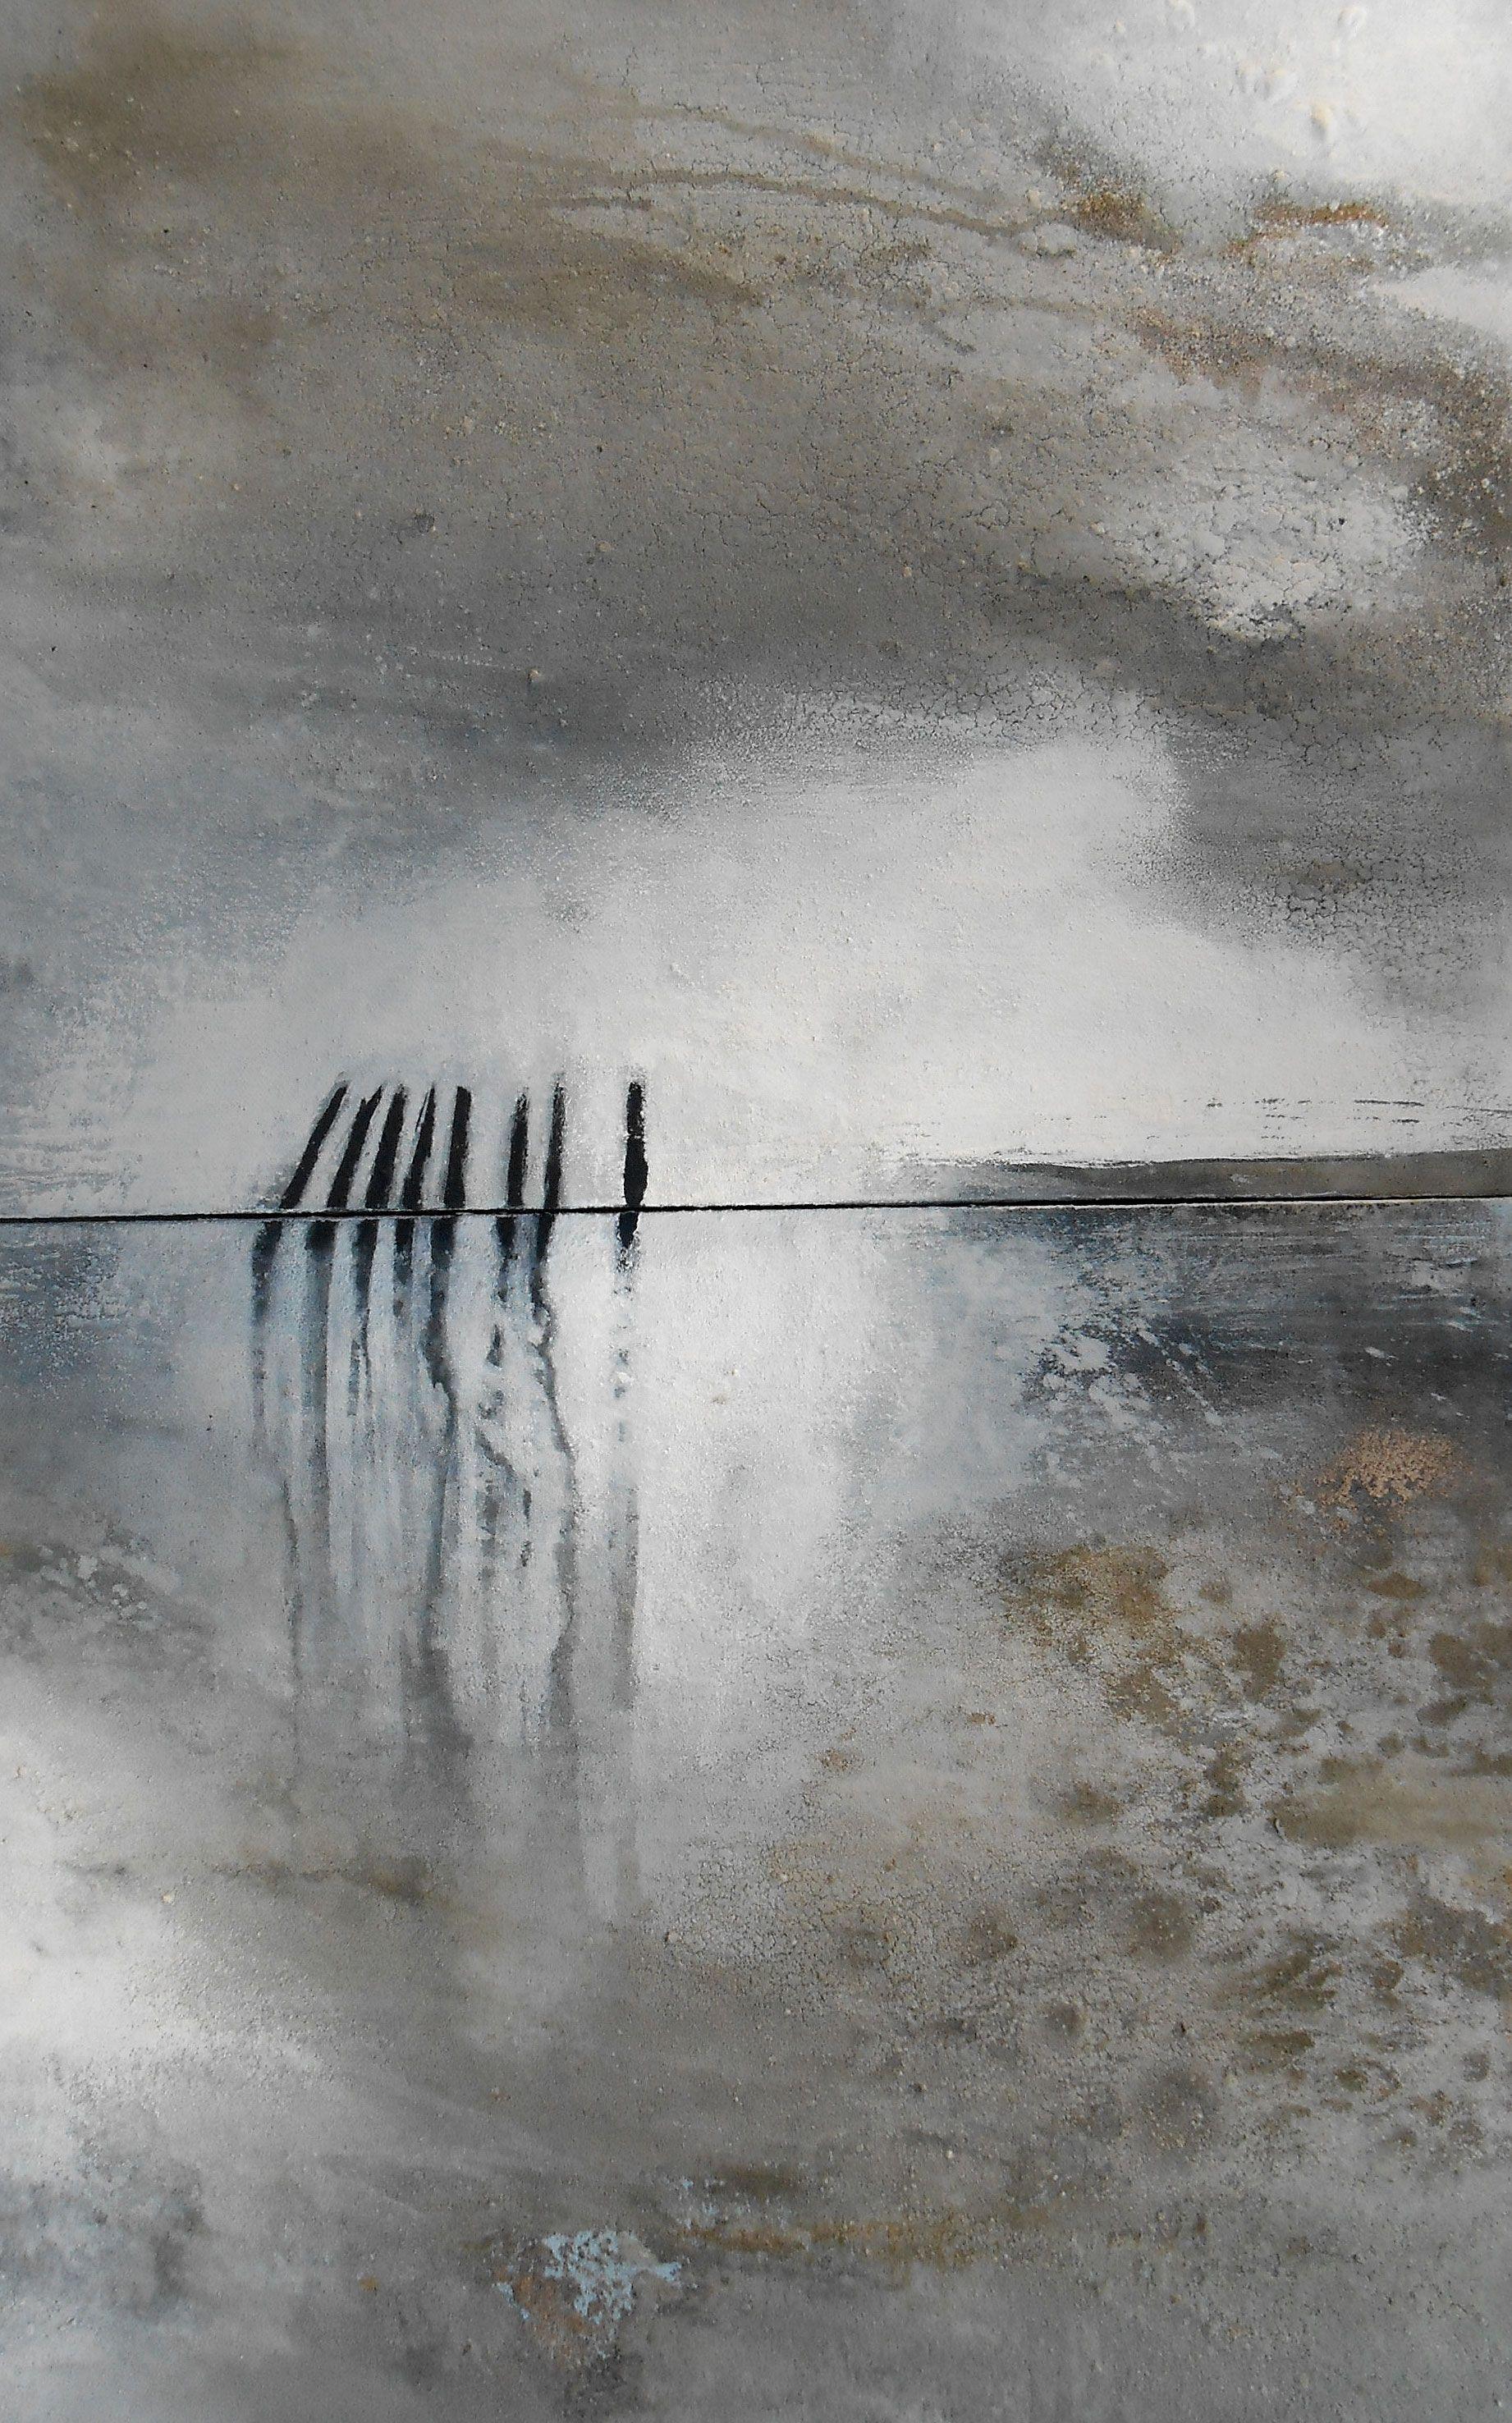 danemarks norden grosse abstrakte gemalde schwarz weiss grau kunst malerei abstraktes abstrakt wassily kandinsky acrylbilder blumen modern